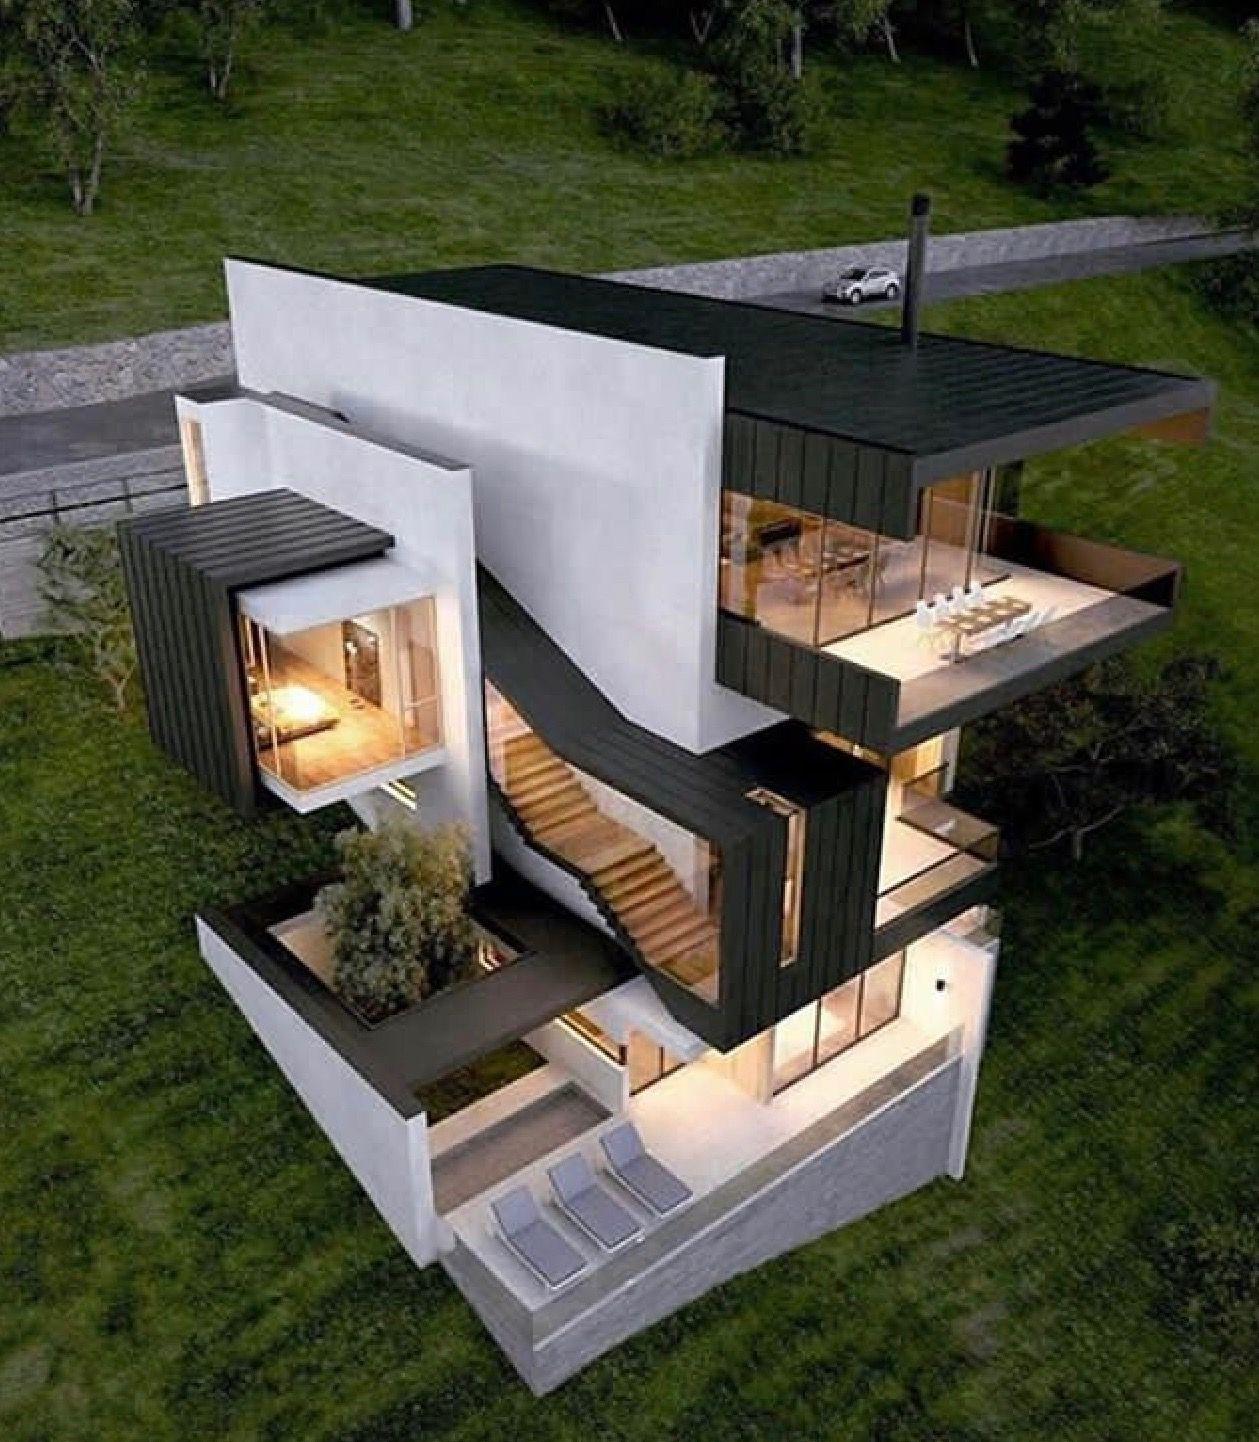 Pin de bernamara b en arquitectura y naturaleza dise o for Arquitectura y diseno de casas modernas